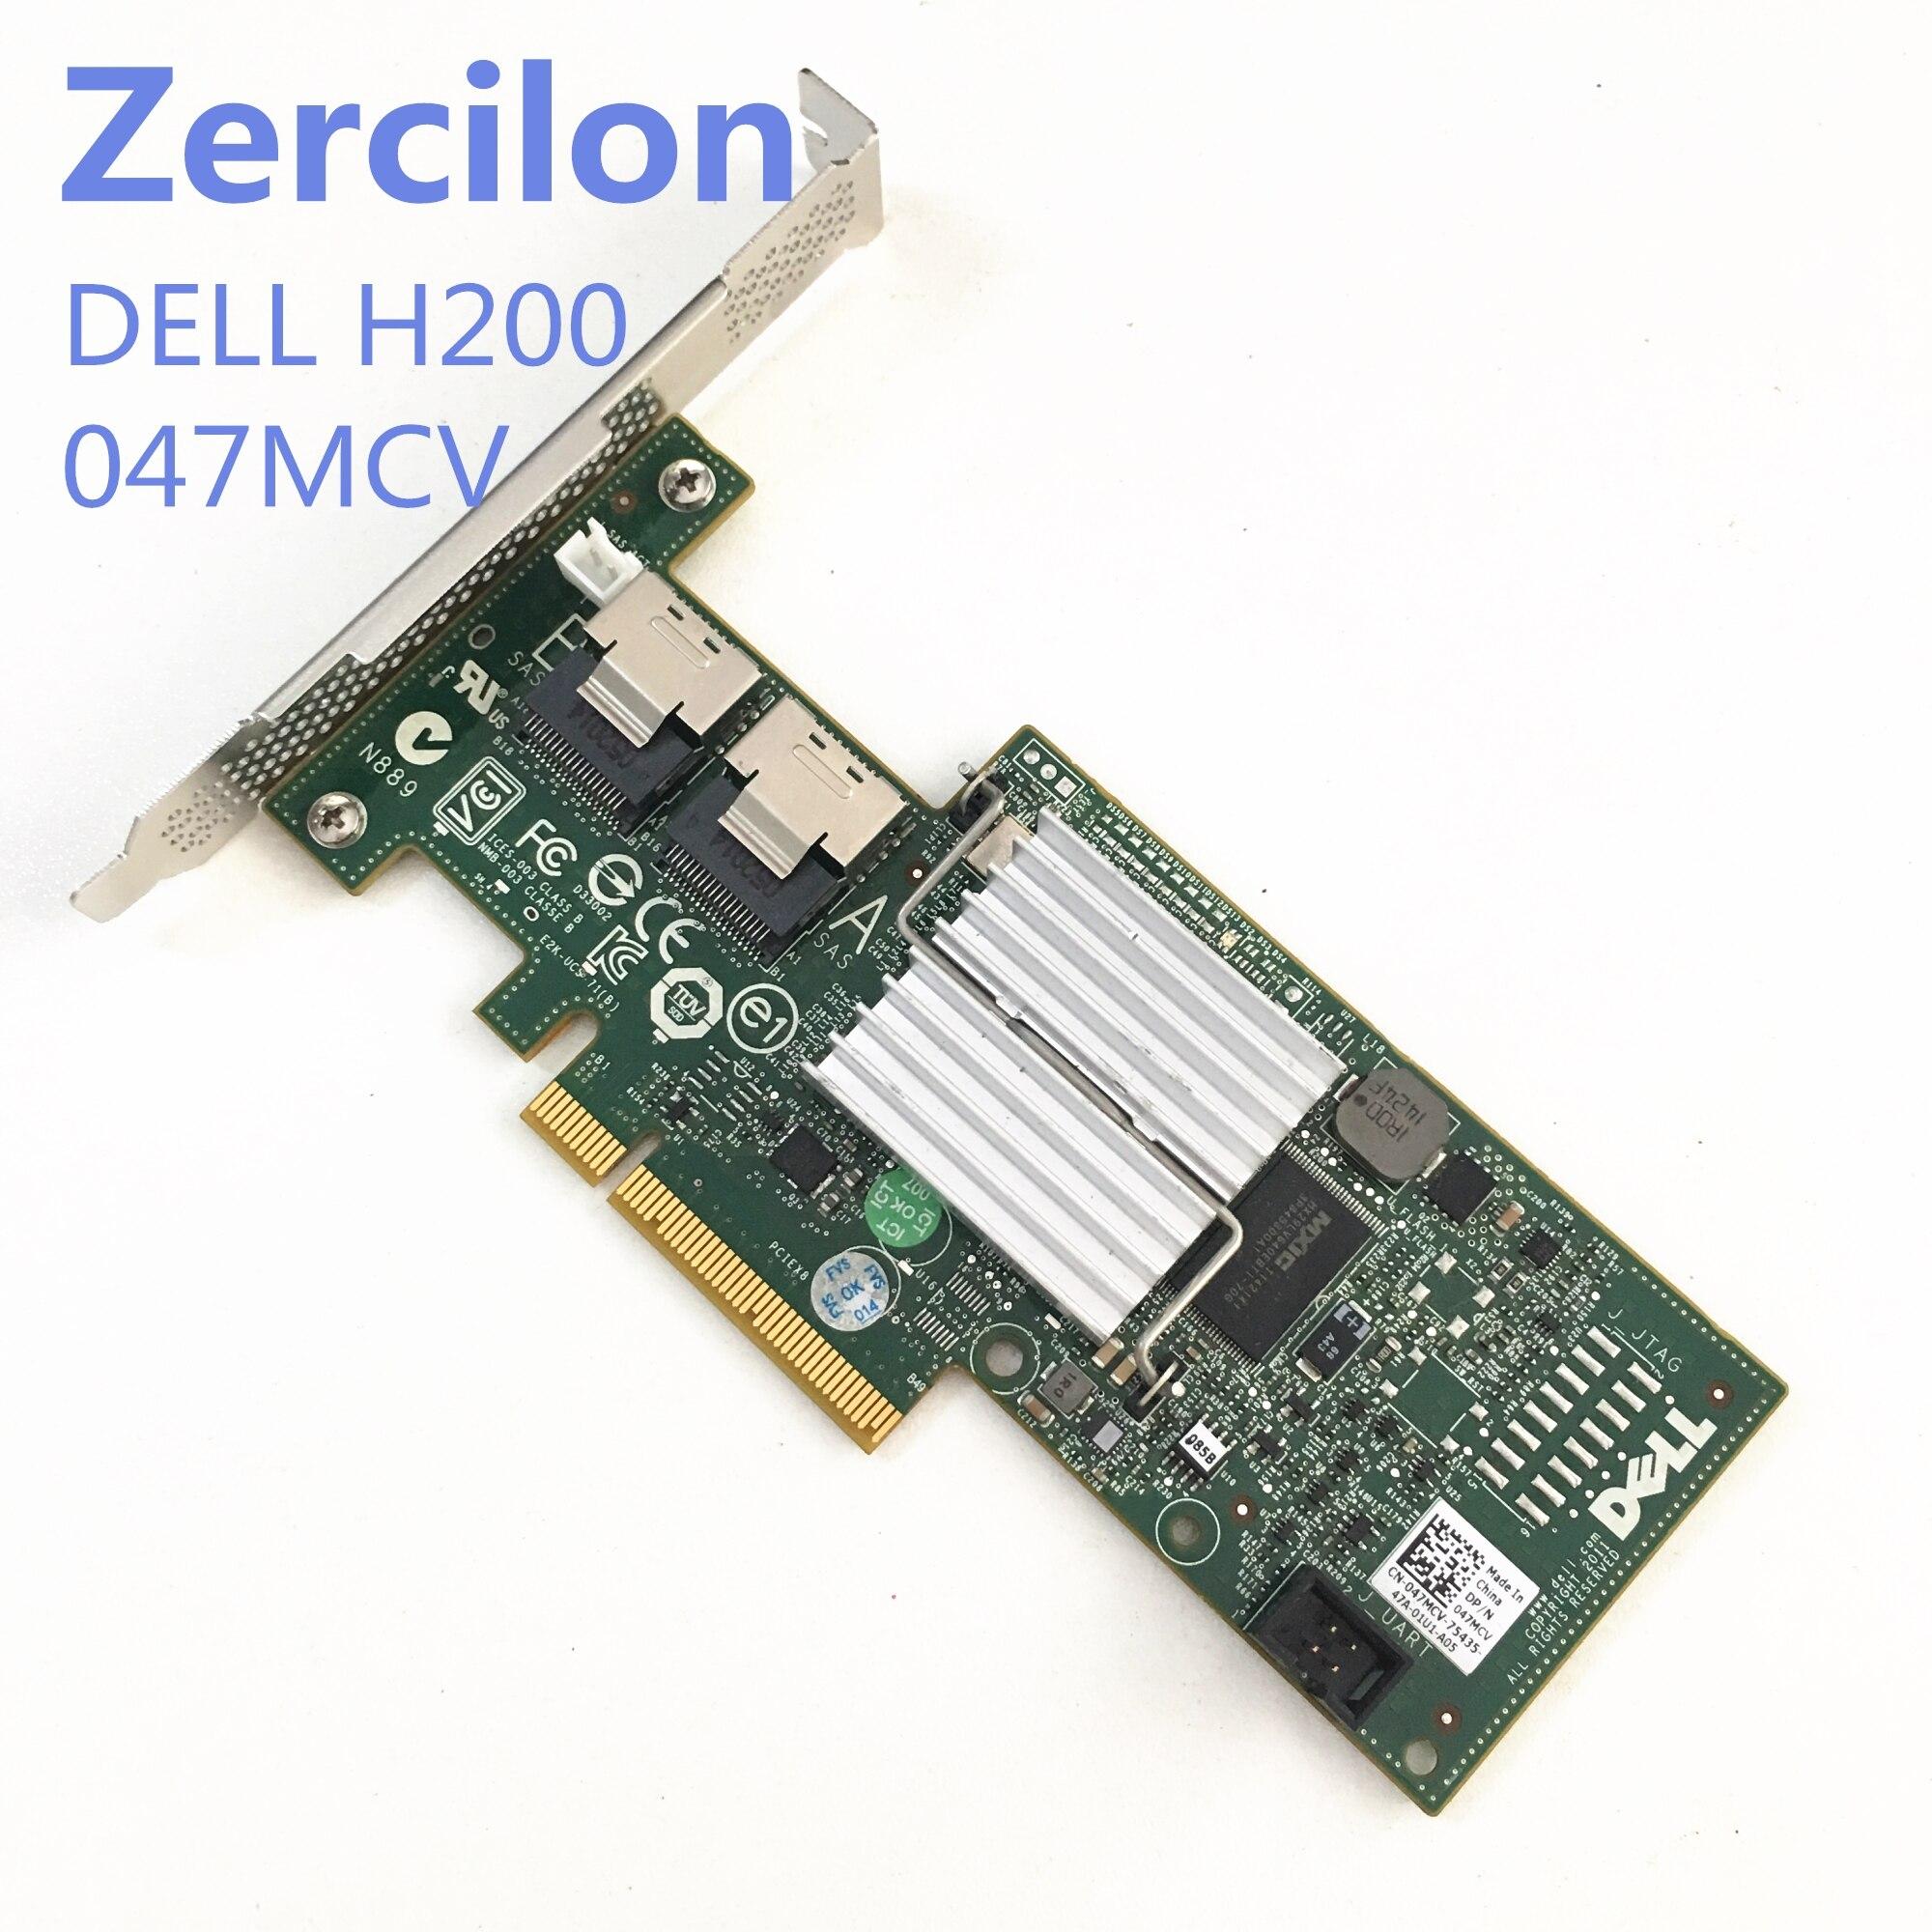 Usado original Dell PERC H200 6Gb 8-Port PCI-e Controladora Raid SAS SATA = 9210 047MCV 9211-8i